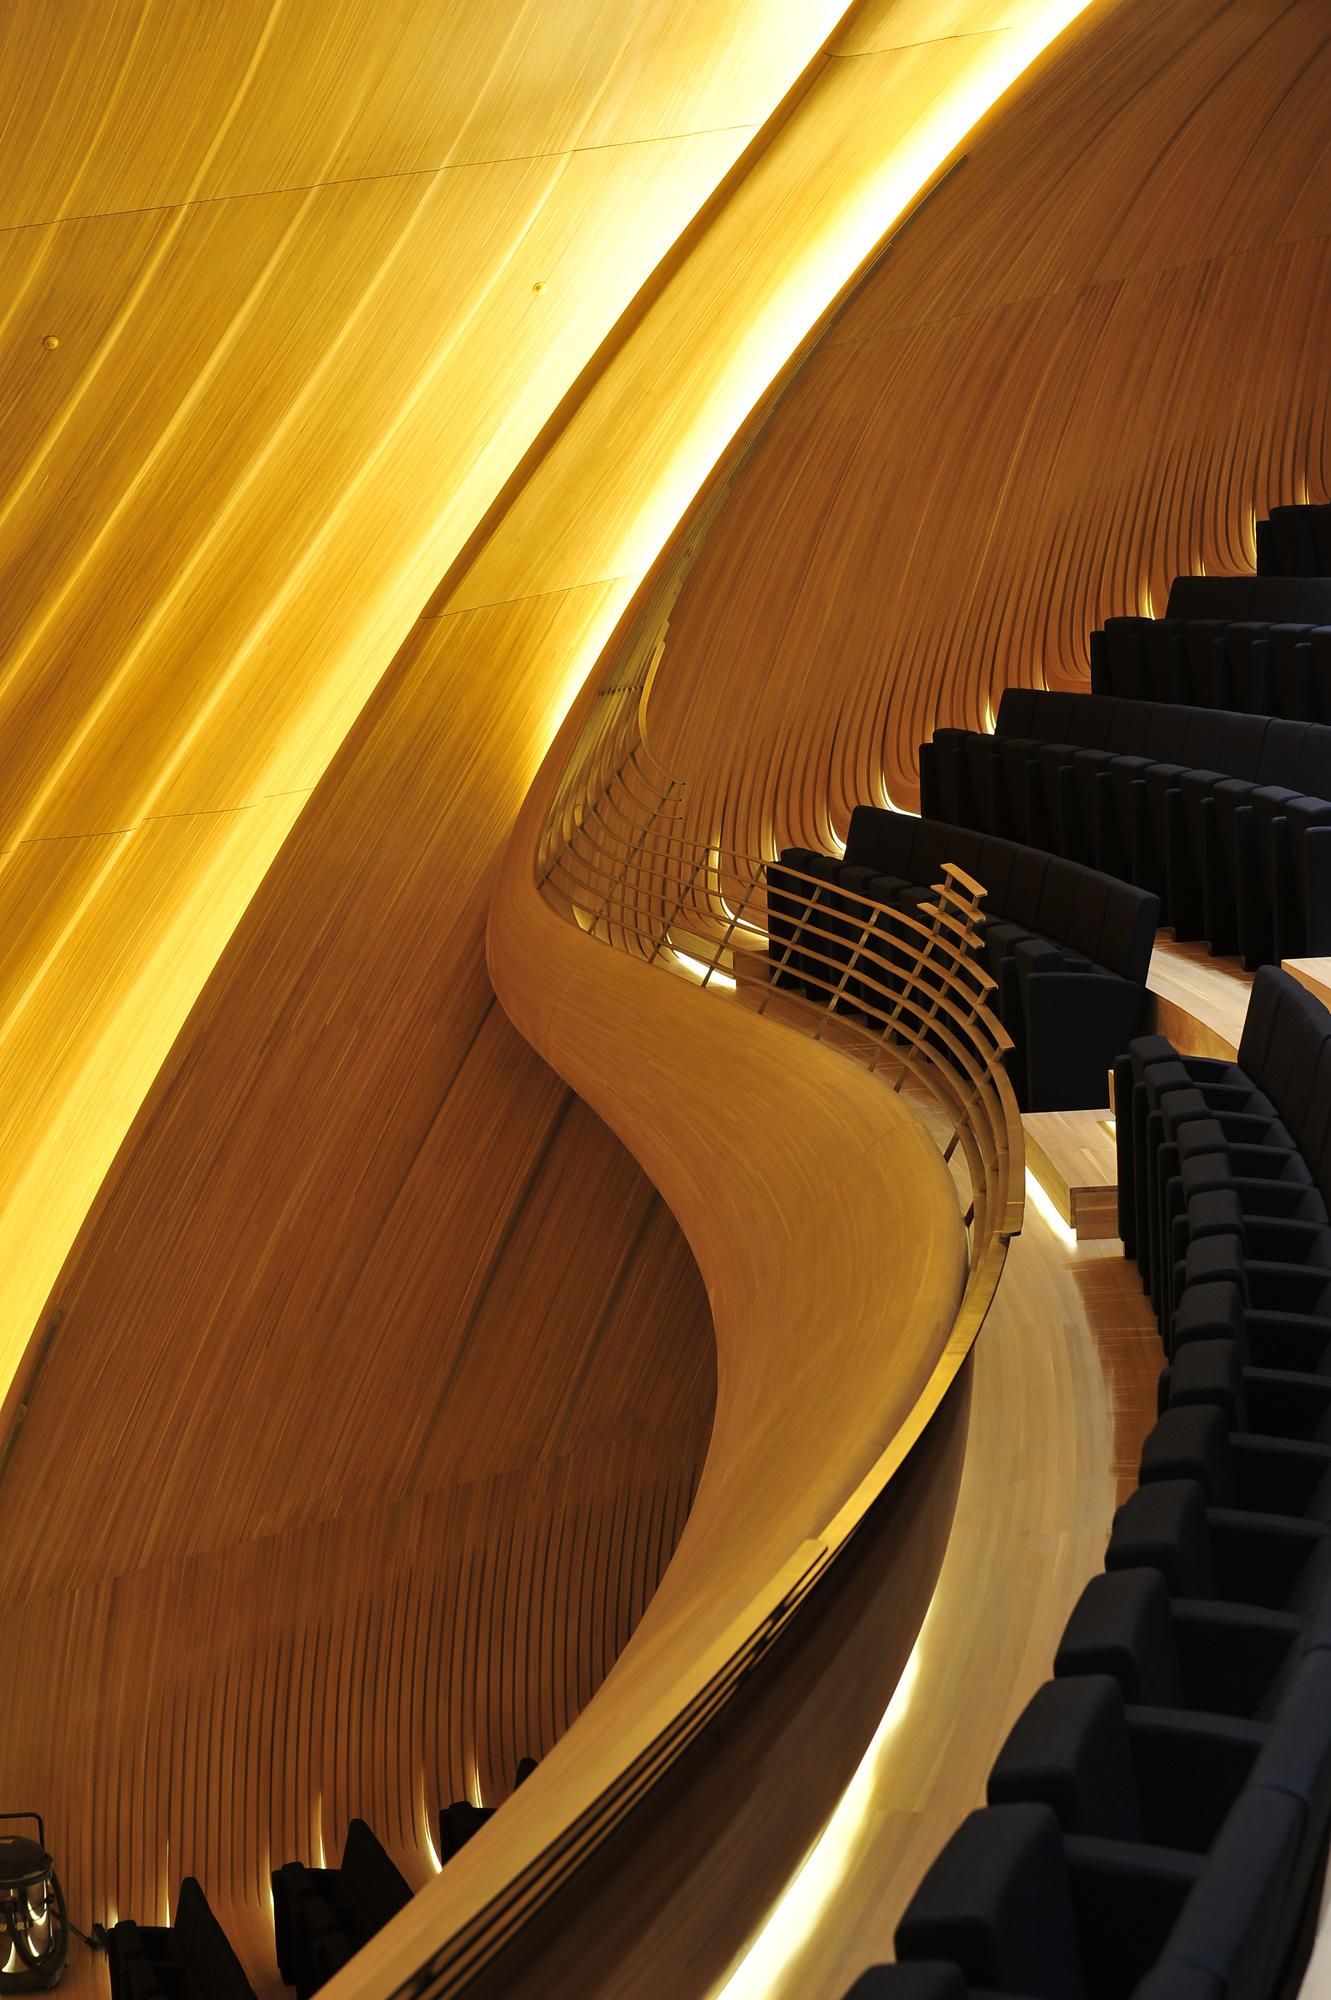 Heydar Aliyev Center, Zaha Hadid Architects © Ikoor